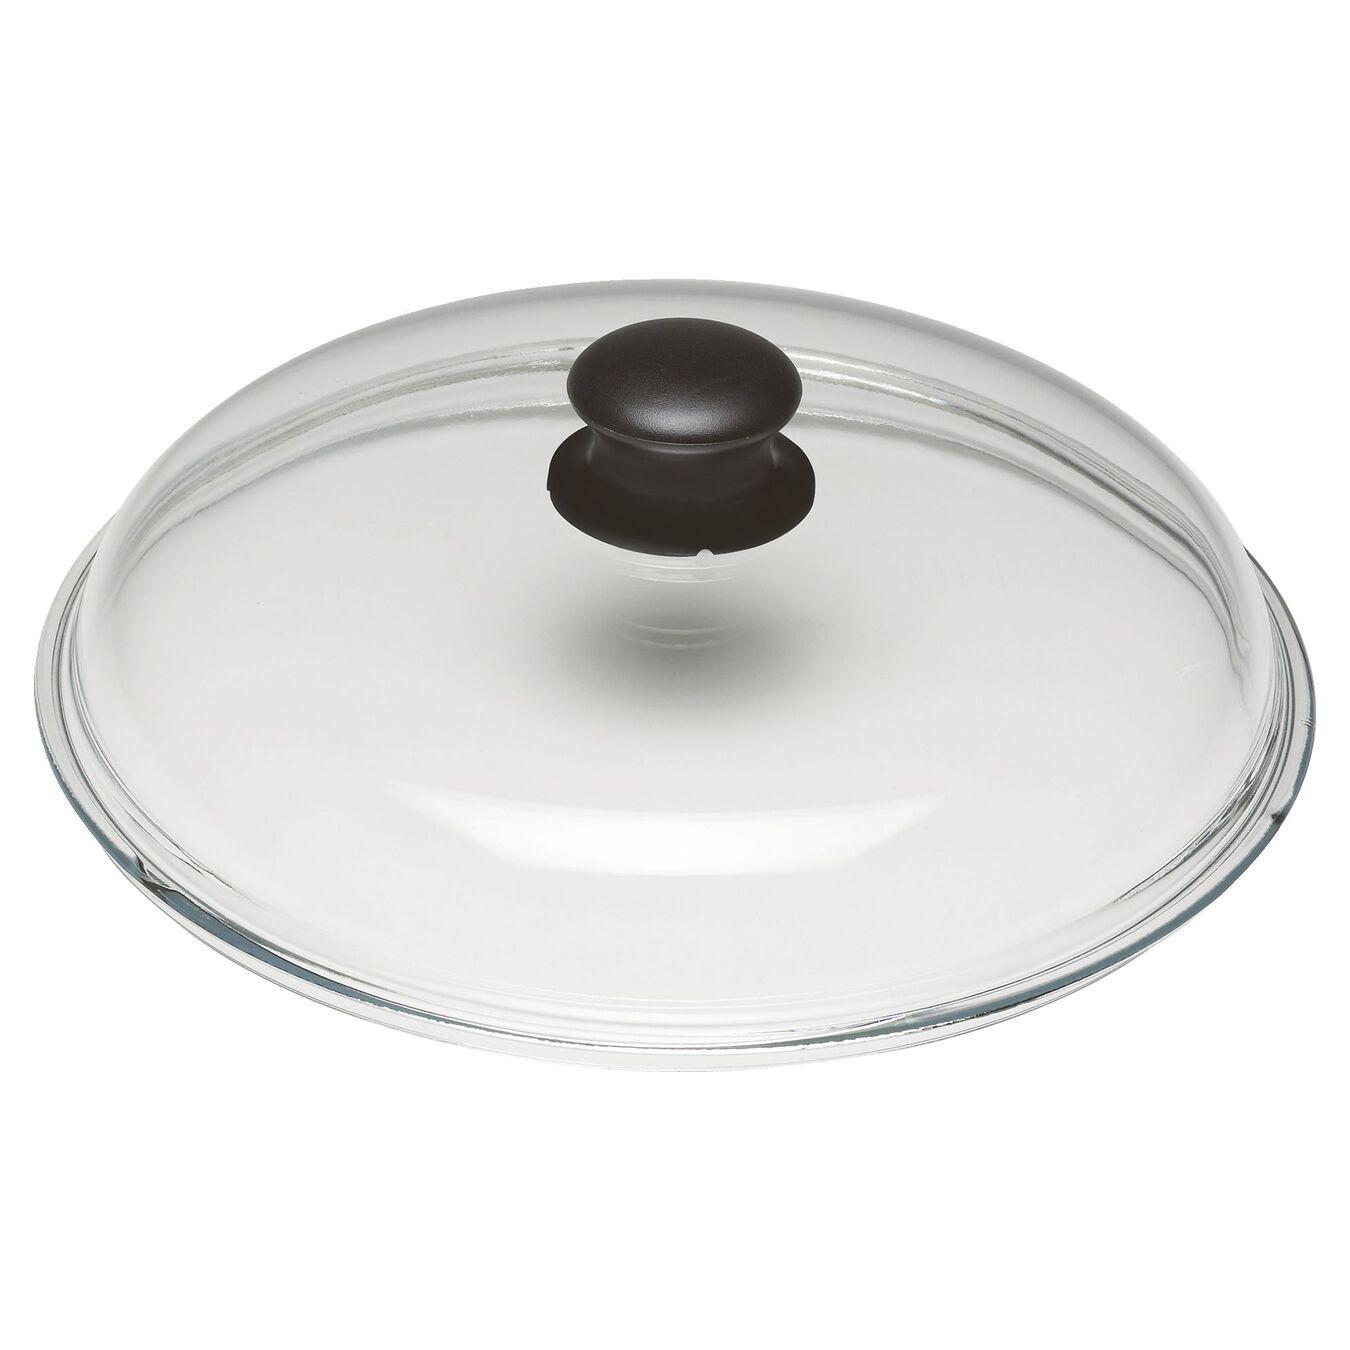 Deckel, rund | Glas,,large 1